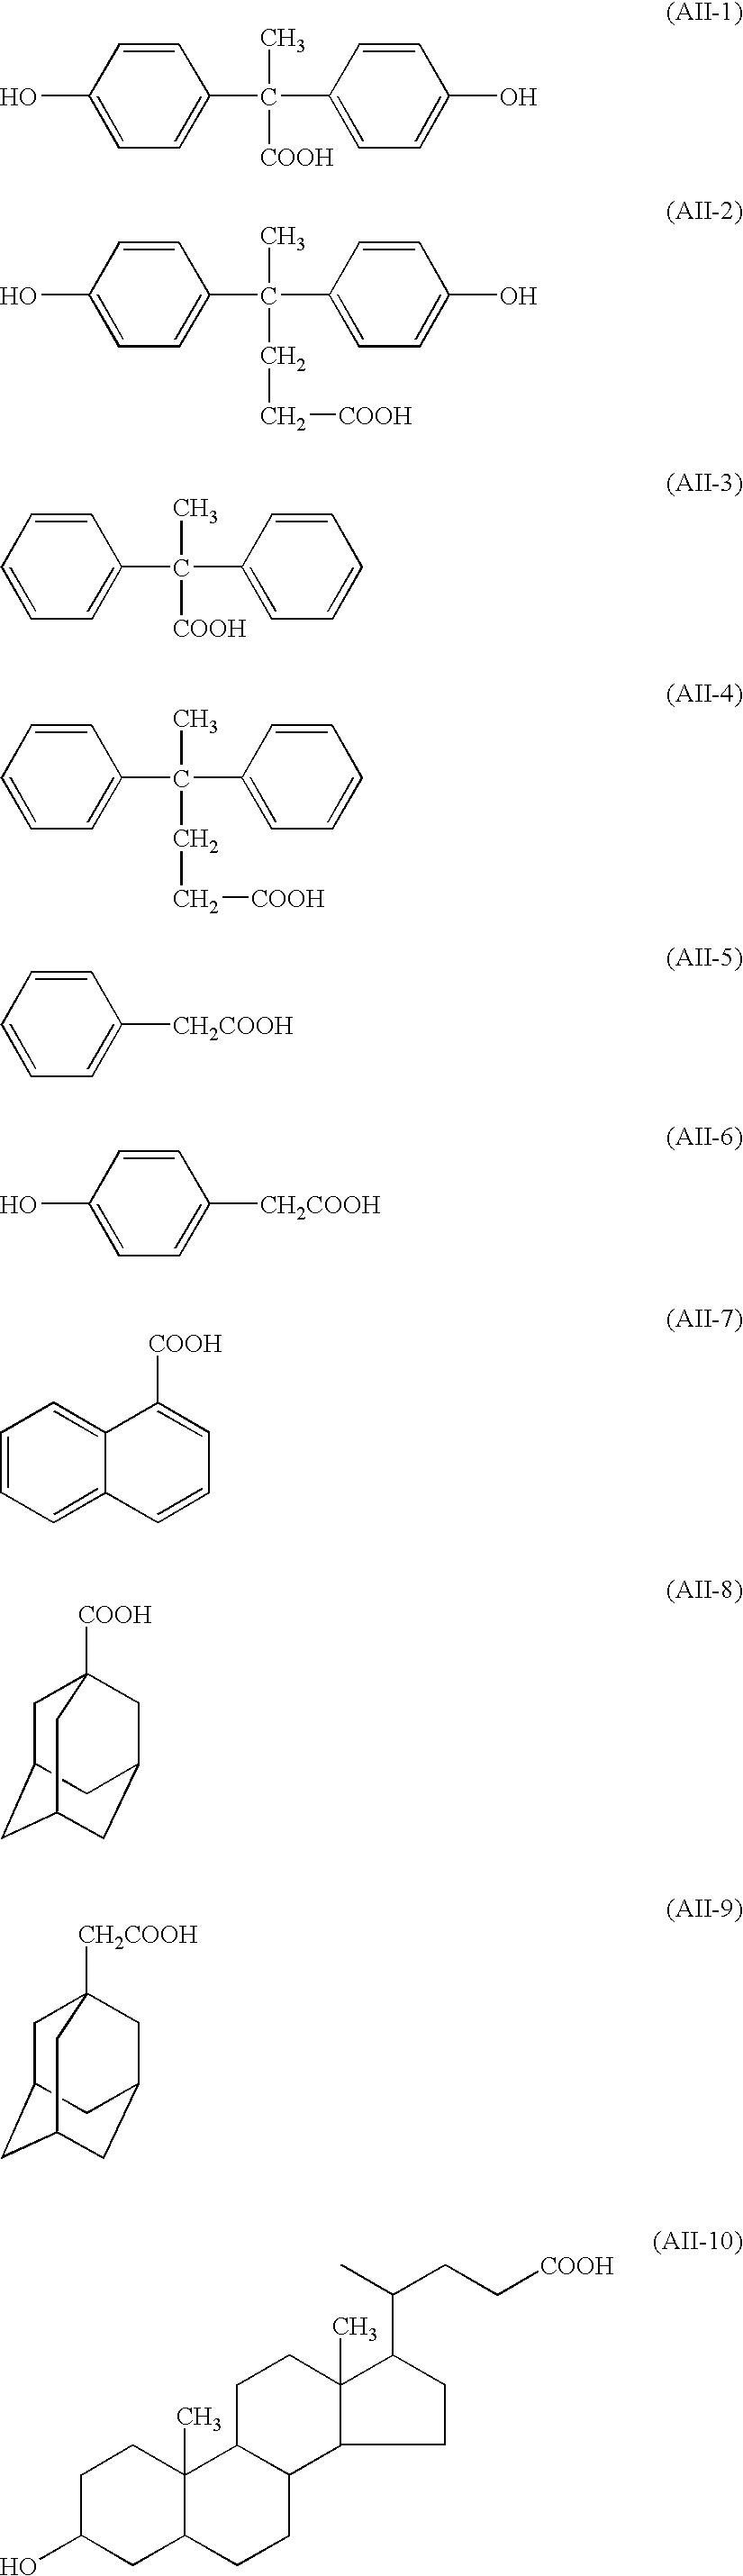 Figure US20080020289A1-20080124-C00052